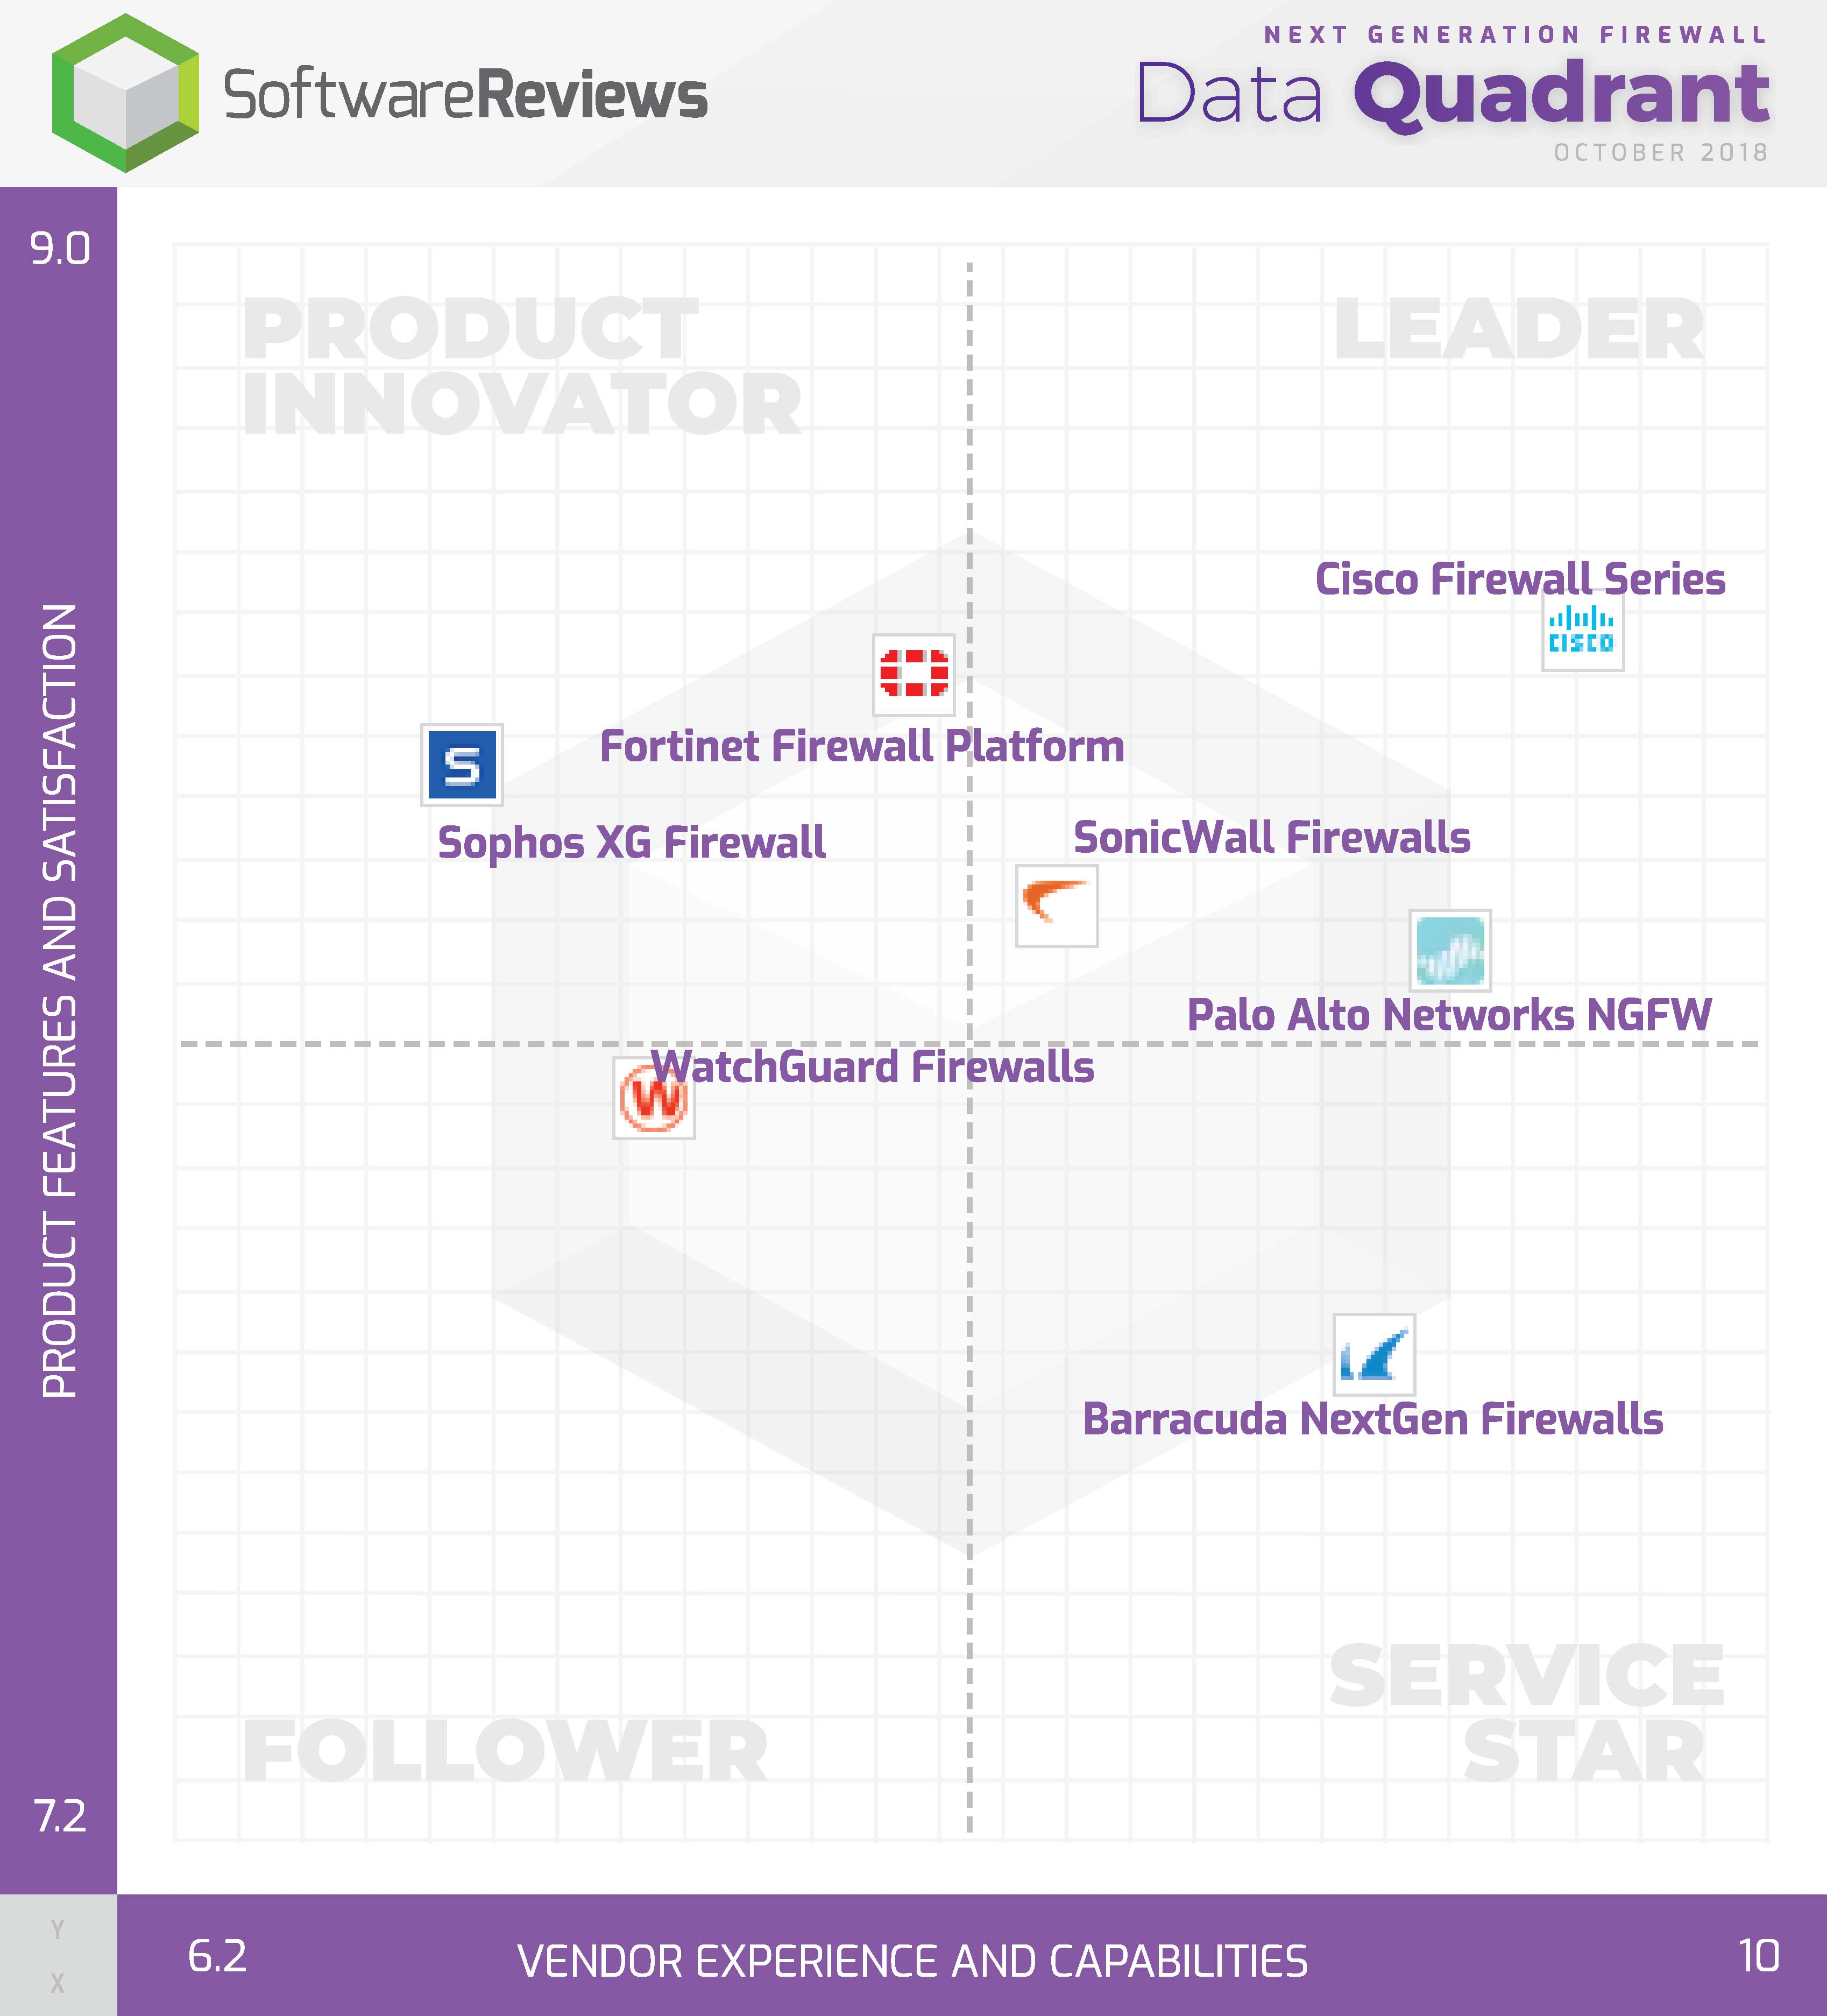 Next Generation Firewall Data Quadrant